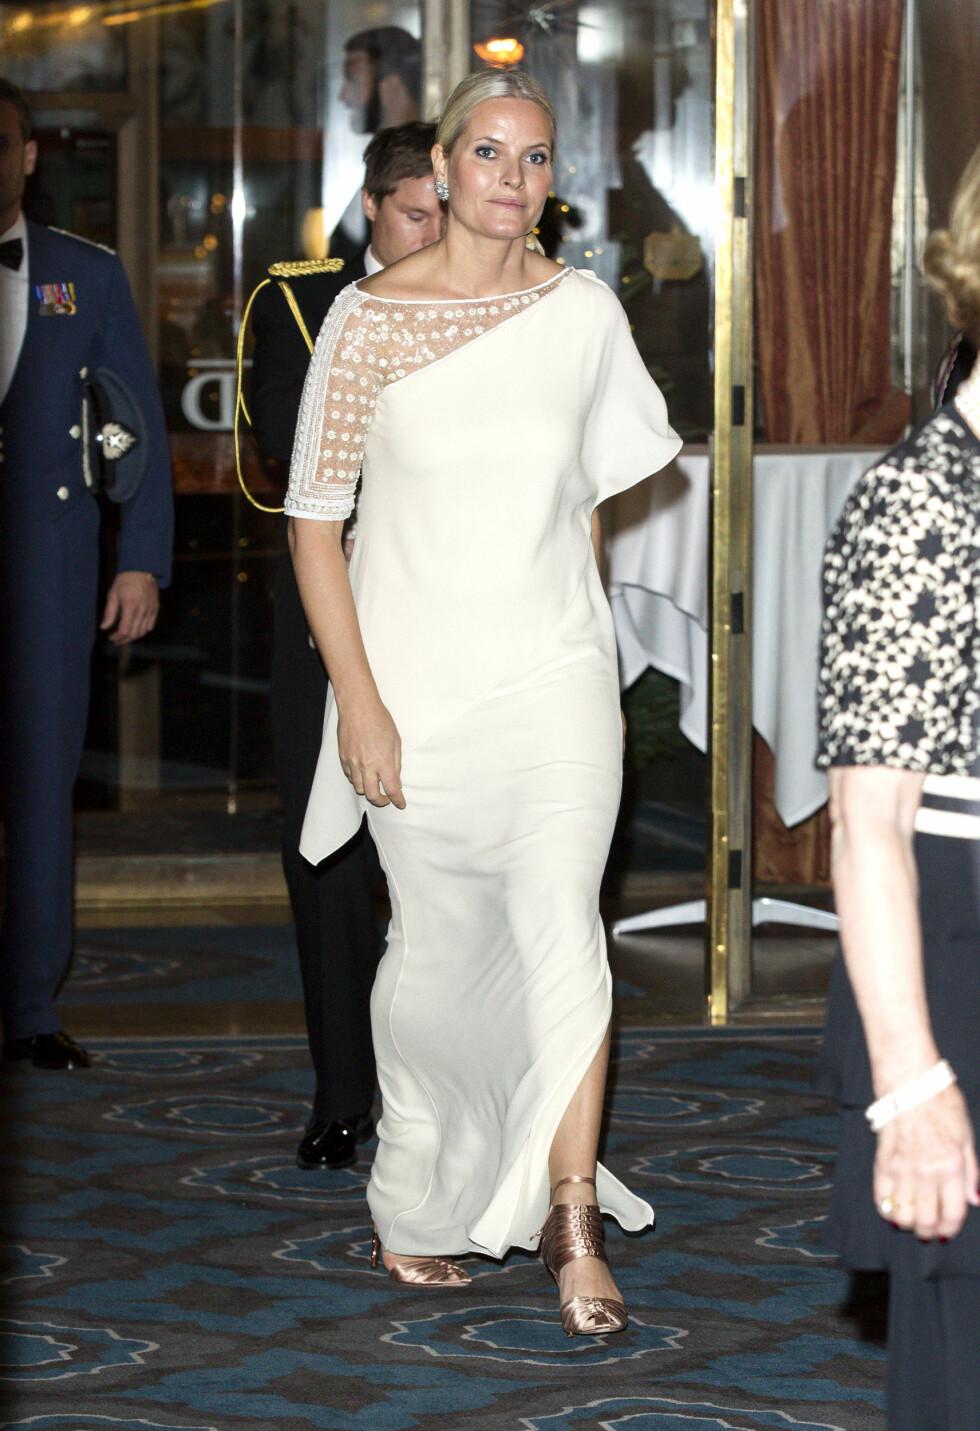 FÅR SKRYT: Mette-Marit hadde en hektisk dag med kjolebytter mellom Nobels fredsprisutdelingen og bankettens senere på kvelden. Foto: Andreas Fadum, Se og Hør